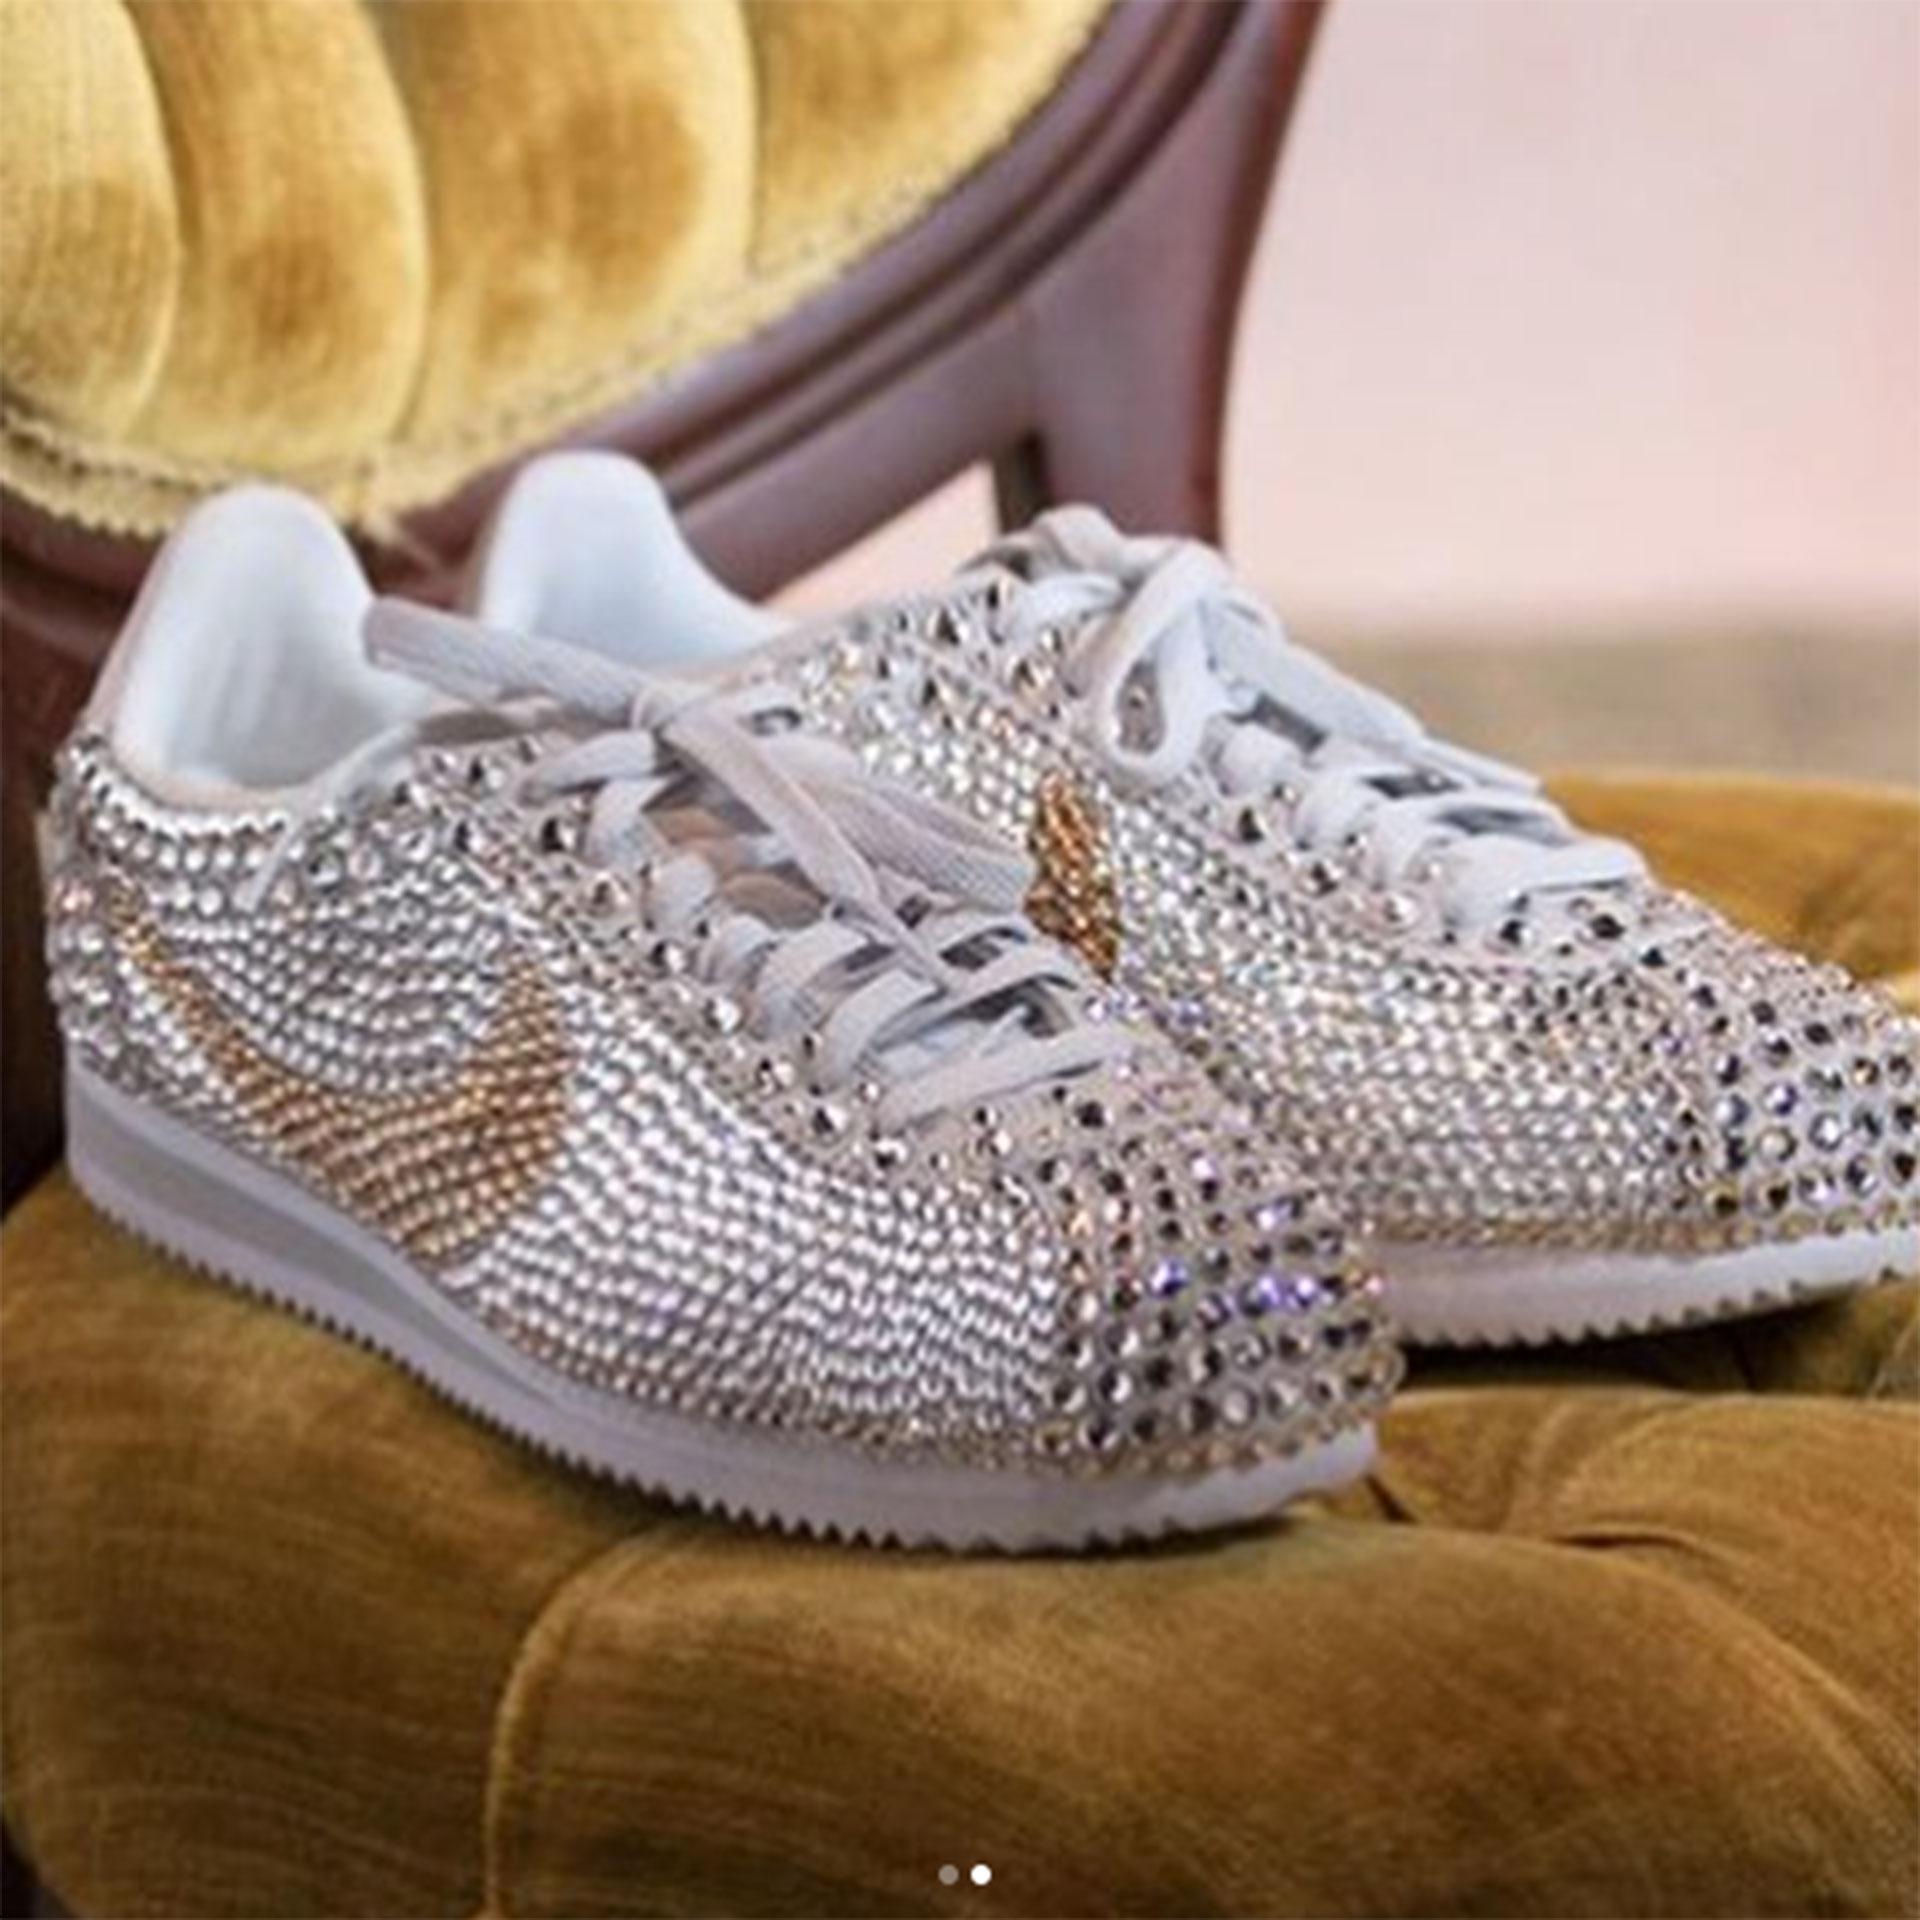 En un momento de los festejos la tenista cambió de zapatos y optó por un calzado mucho más cómodo: una edición especial de los Nike Cortez hechos de brillantes.